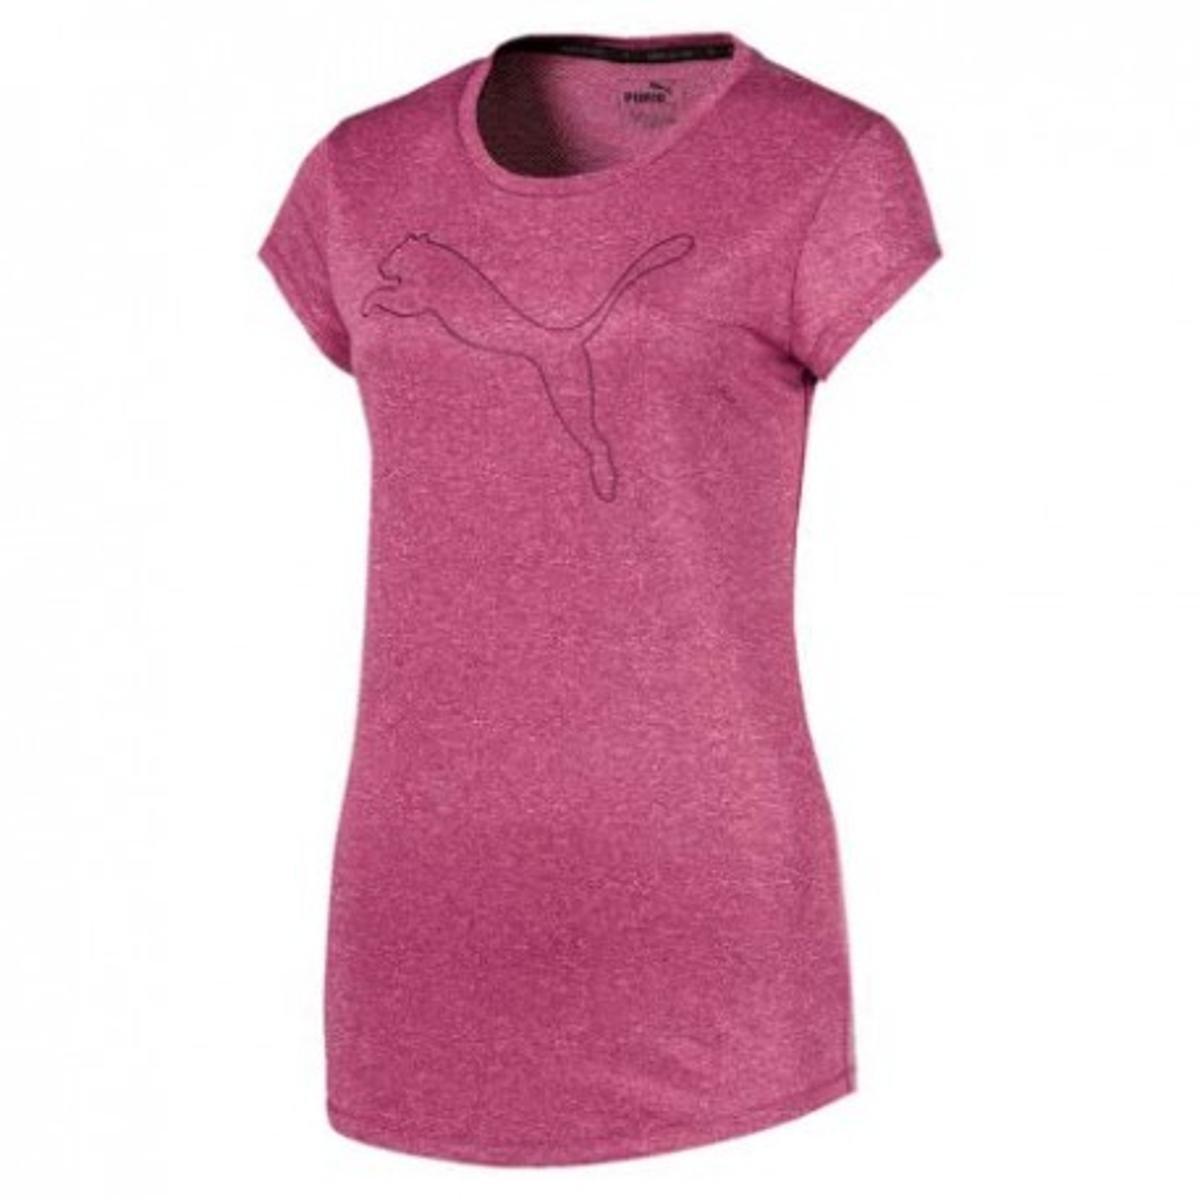 475c7602f2e Camiseta Puma Elevated Ess Cat F Feminino - Compre Agora